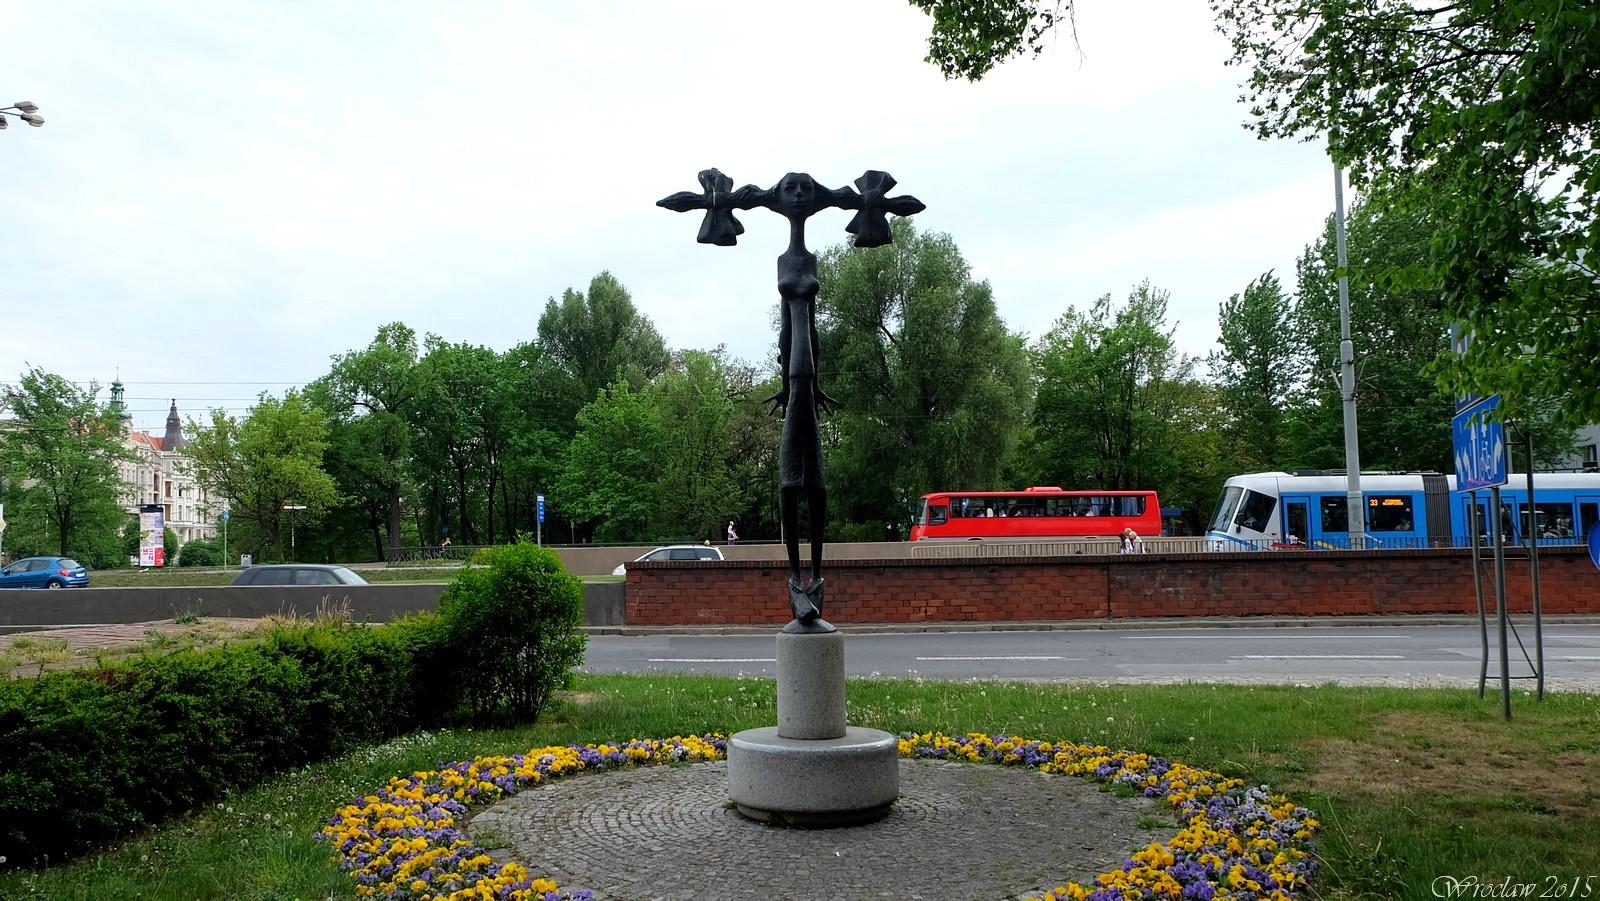 Pomnik Wrocławianki, plac Dominikański, Wrocław, Poland